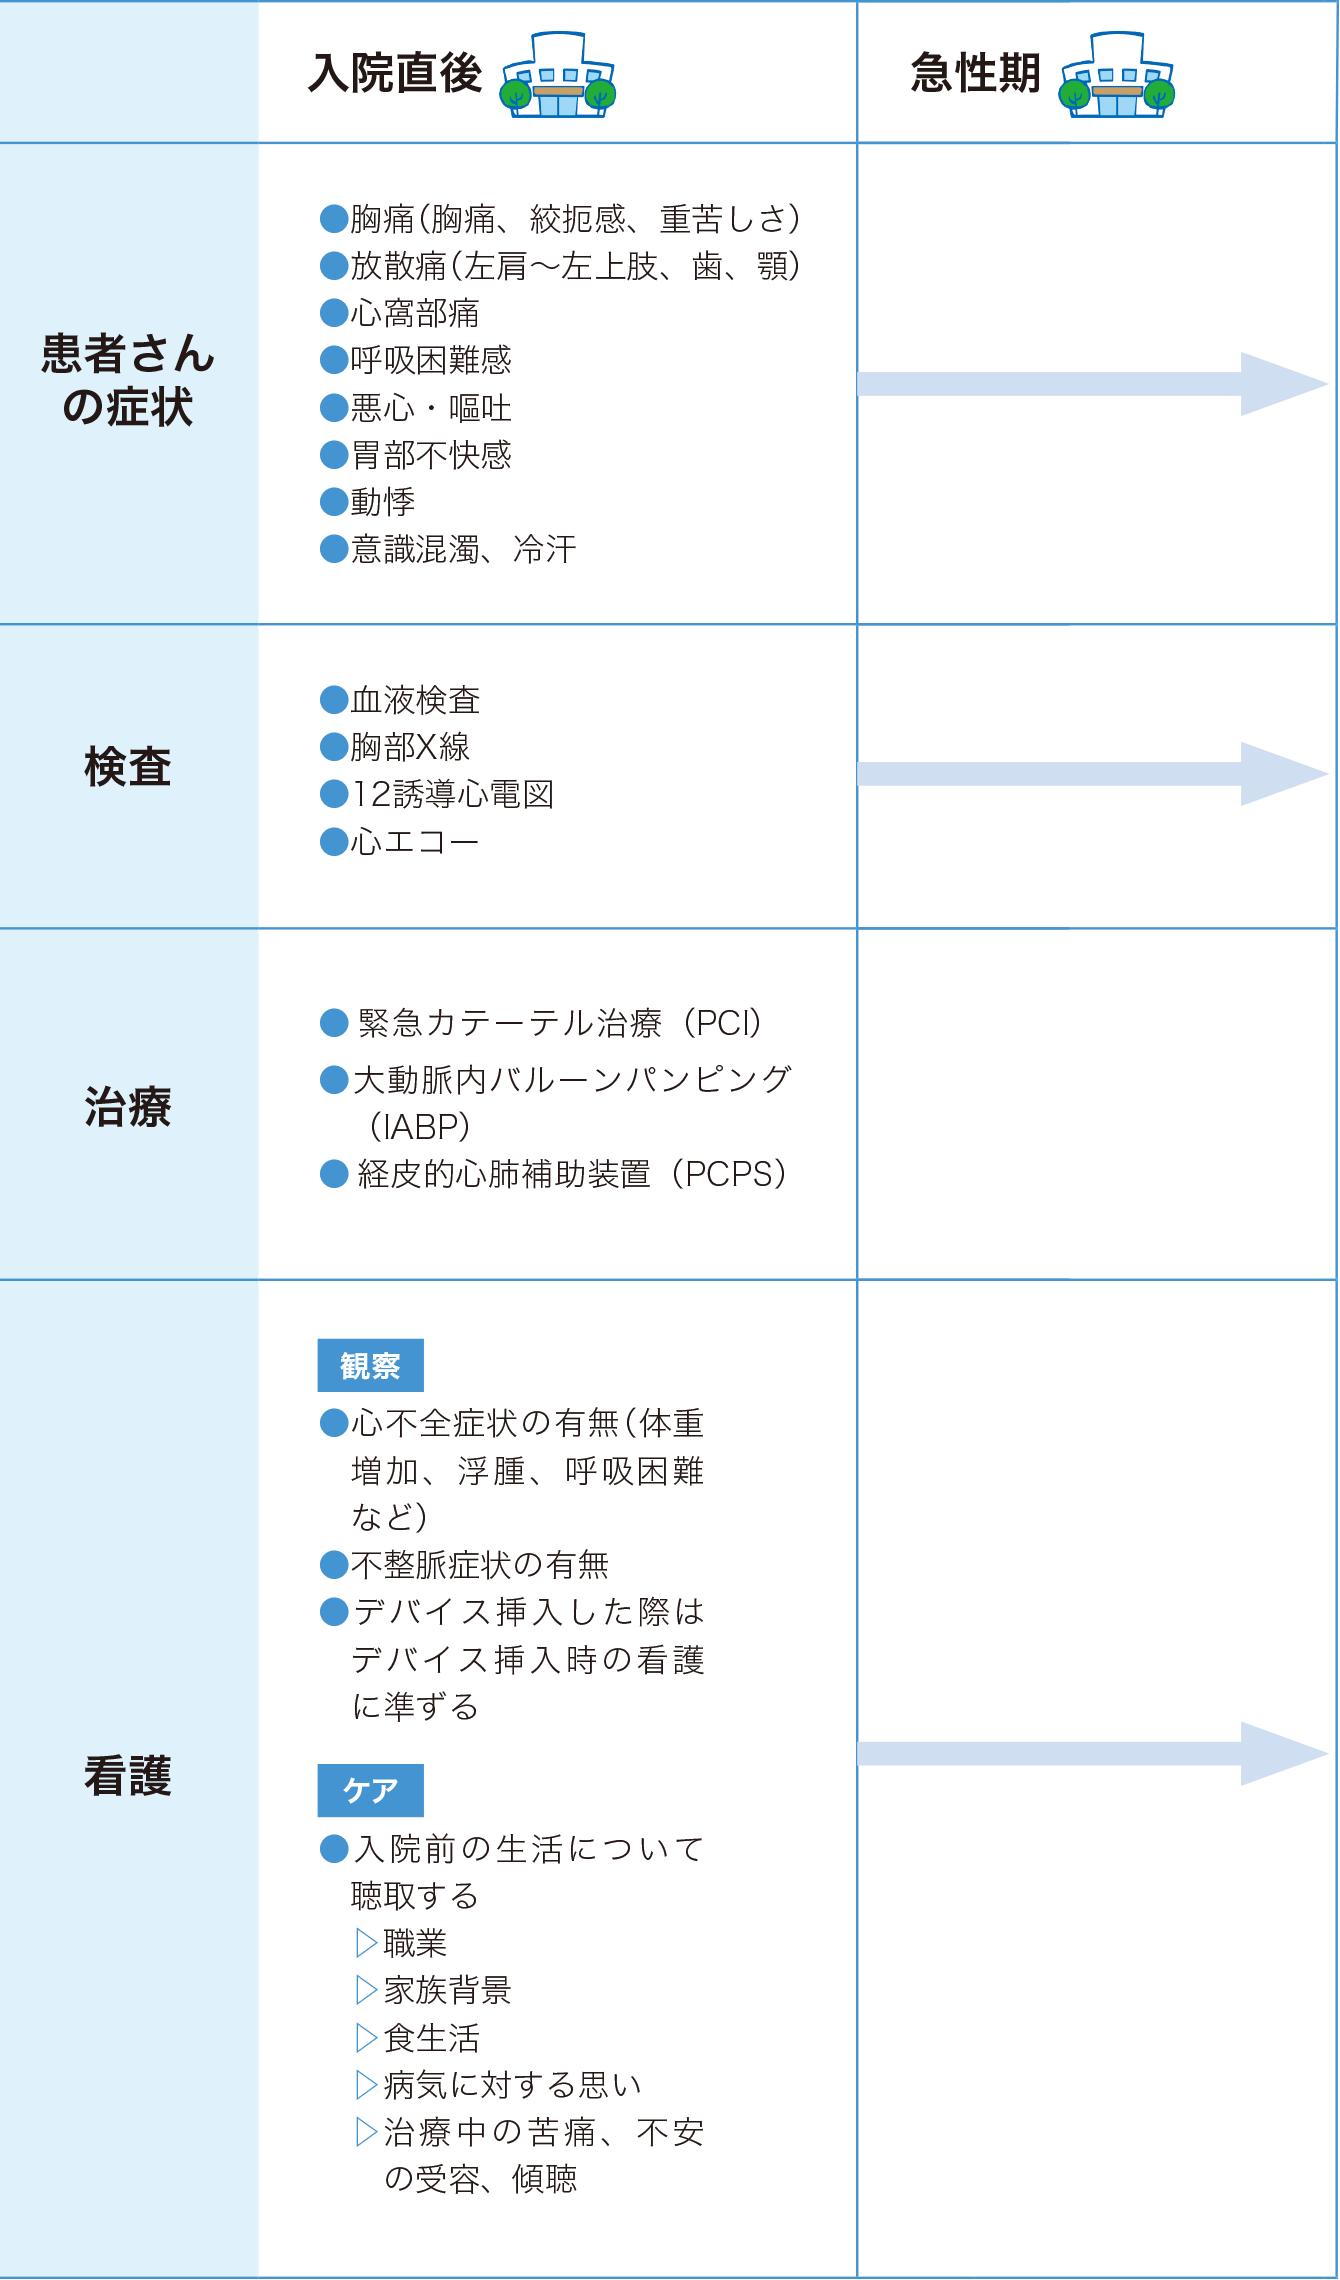 虚血性心疾患(急性心筋梗塞)の看護 入院直後・急性期